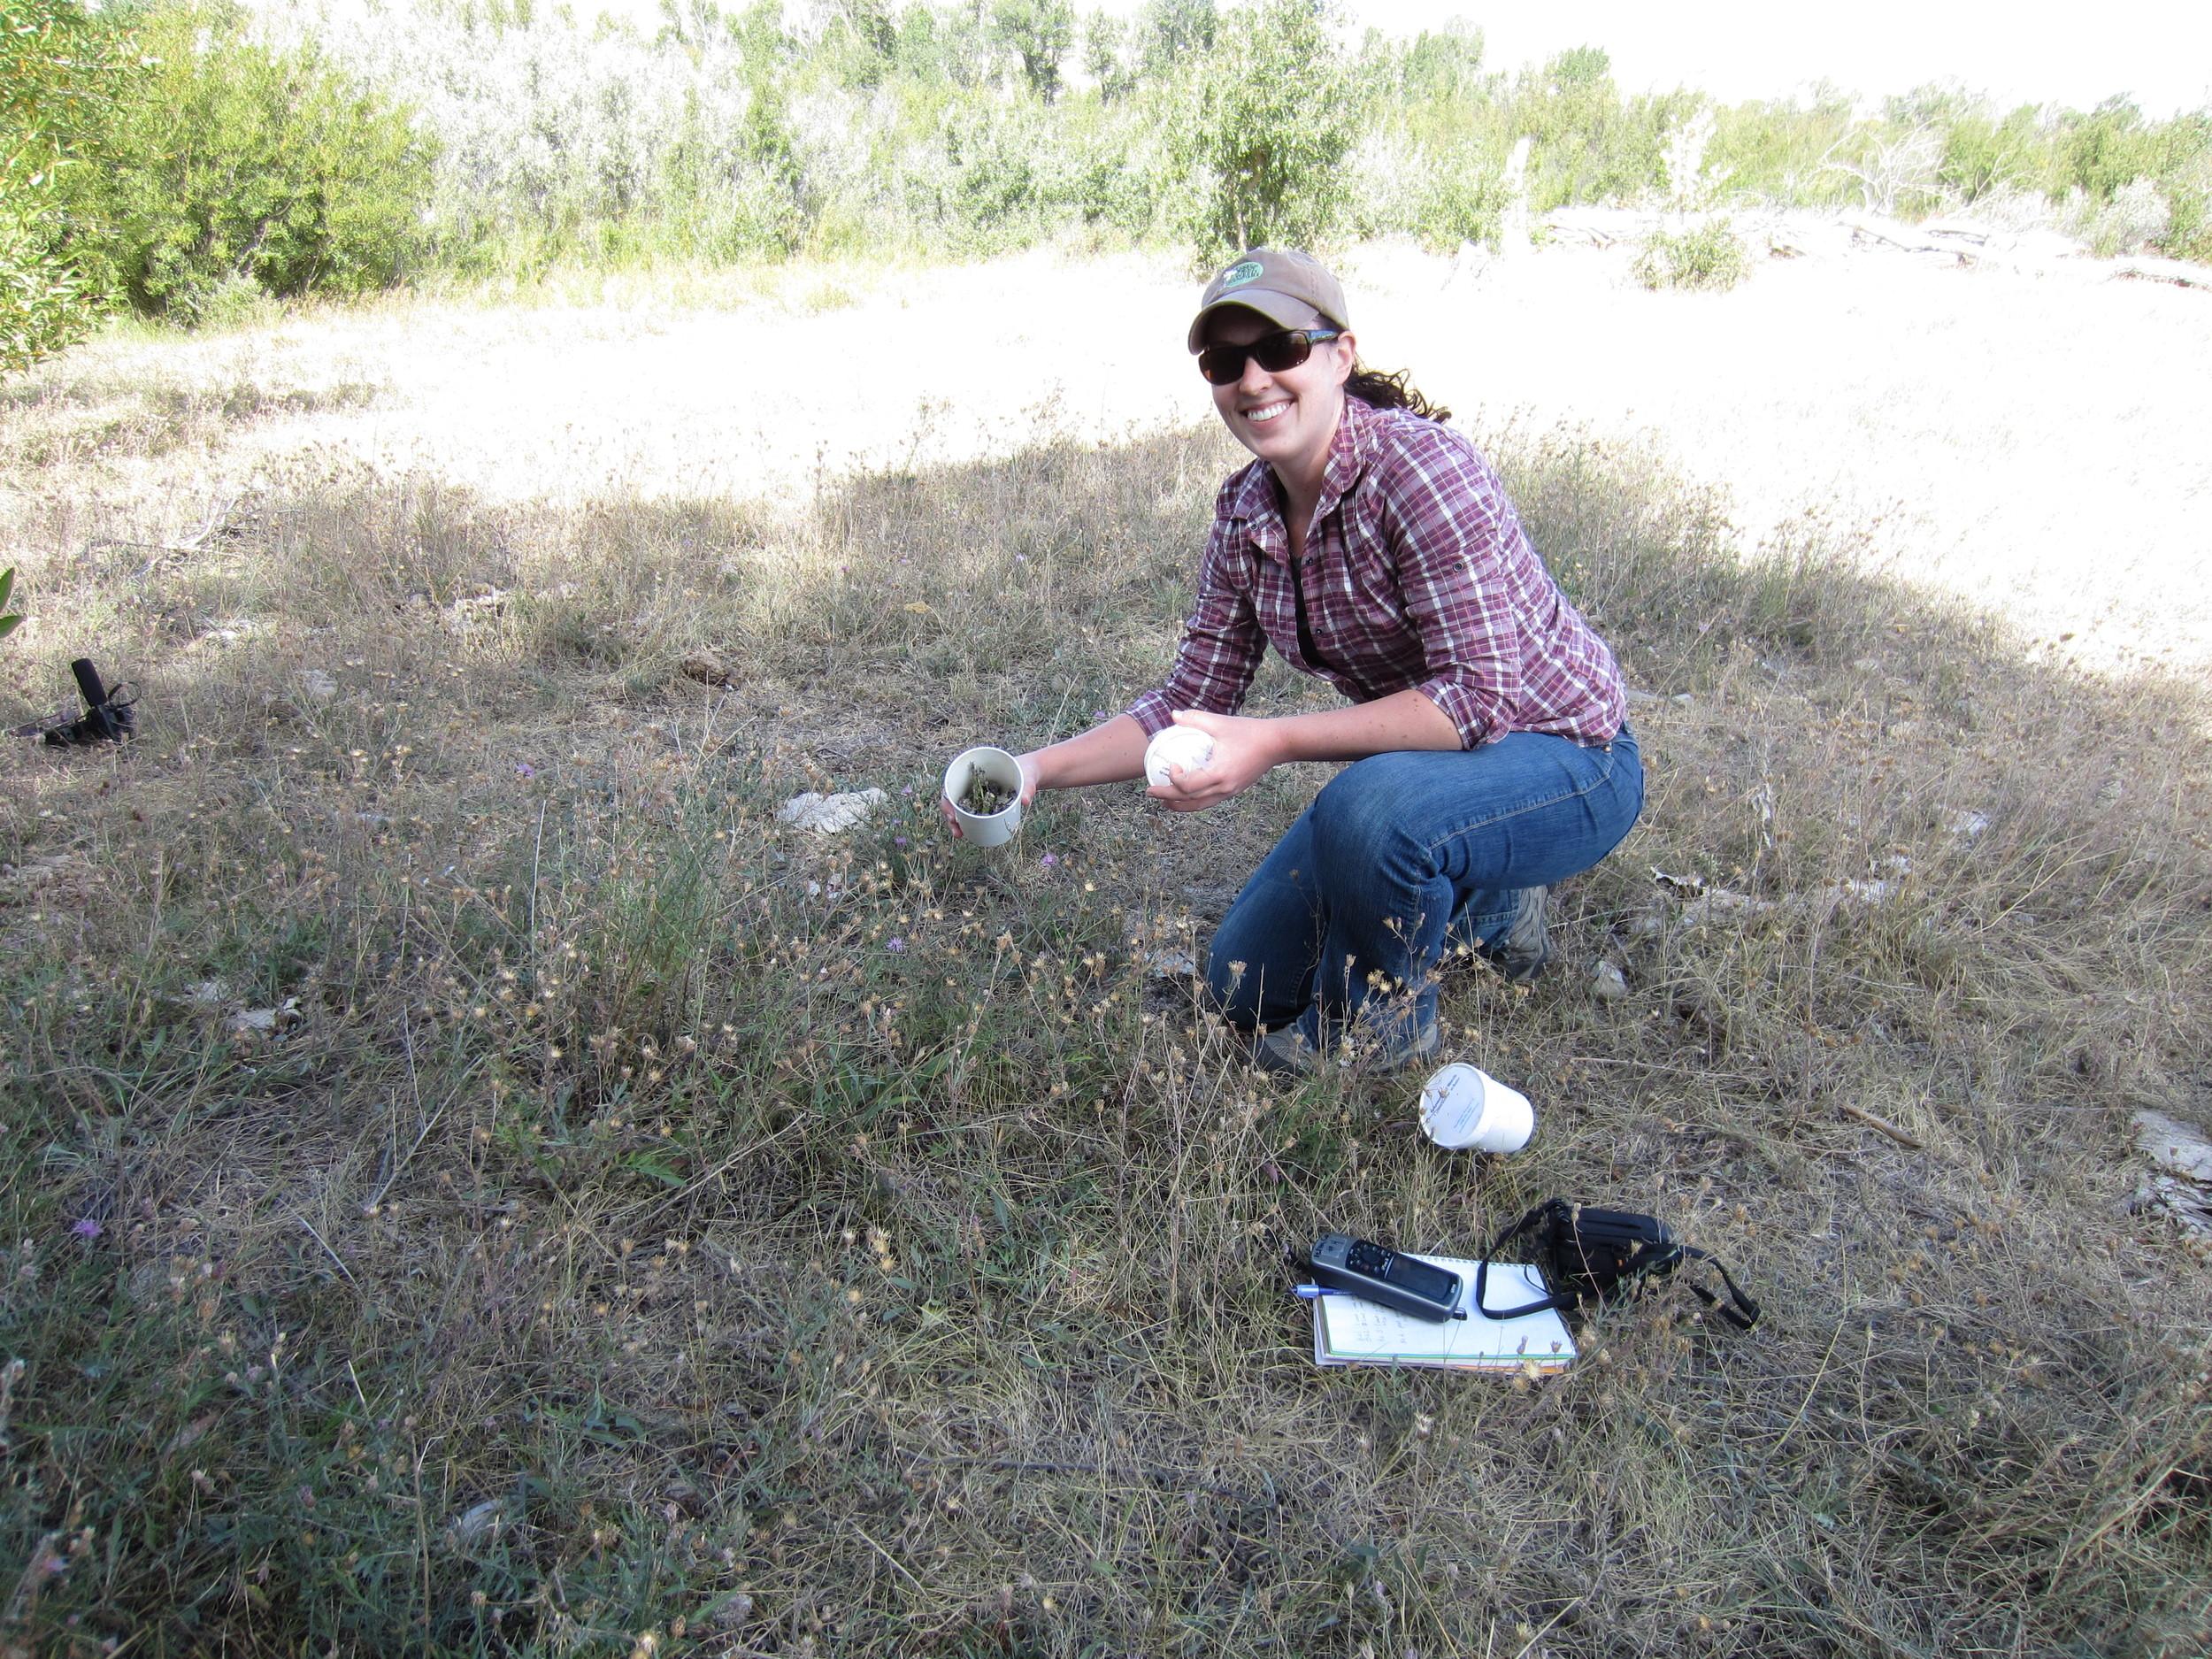 Releasing knapweed weevils